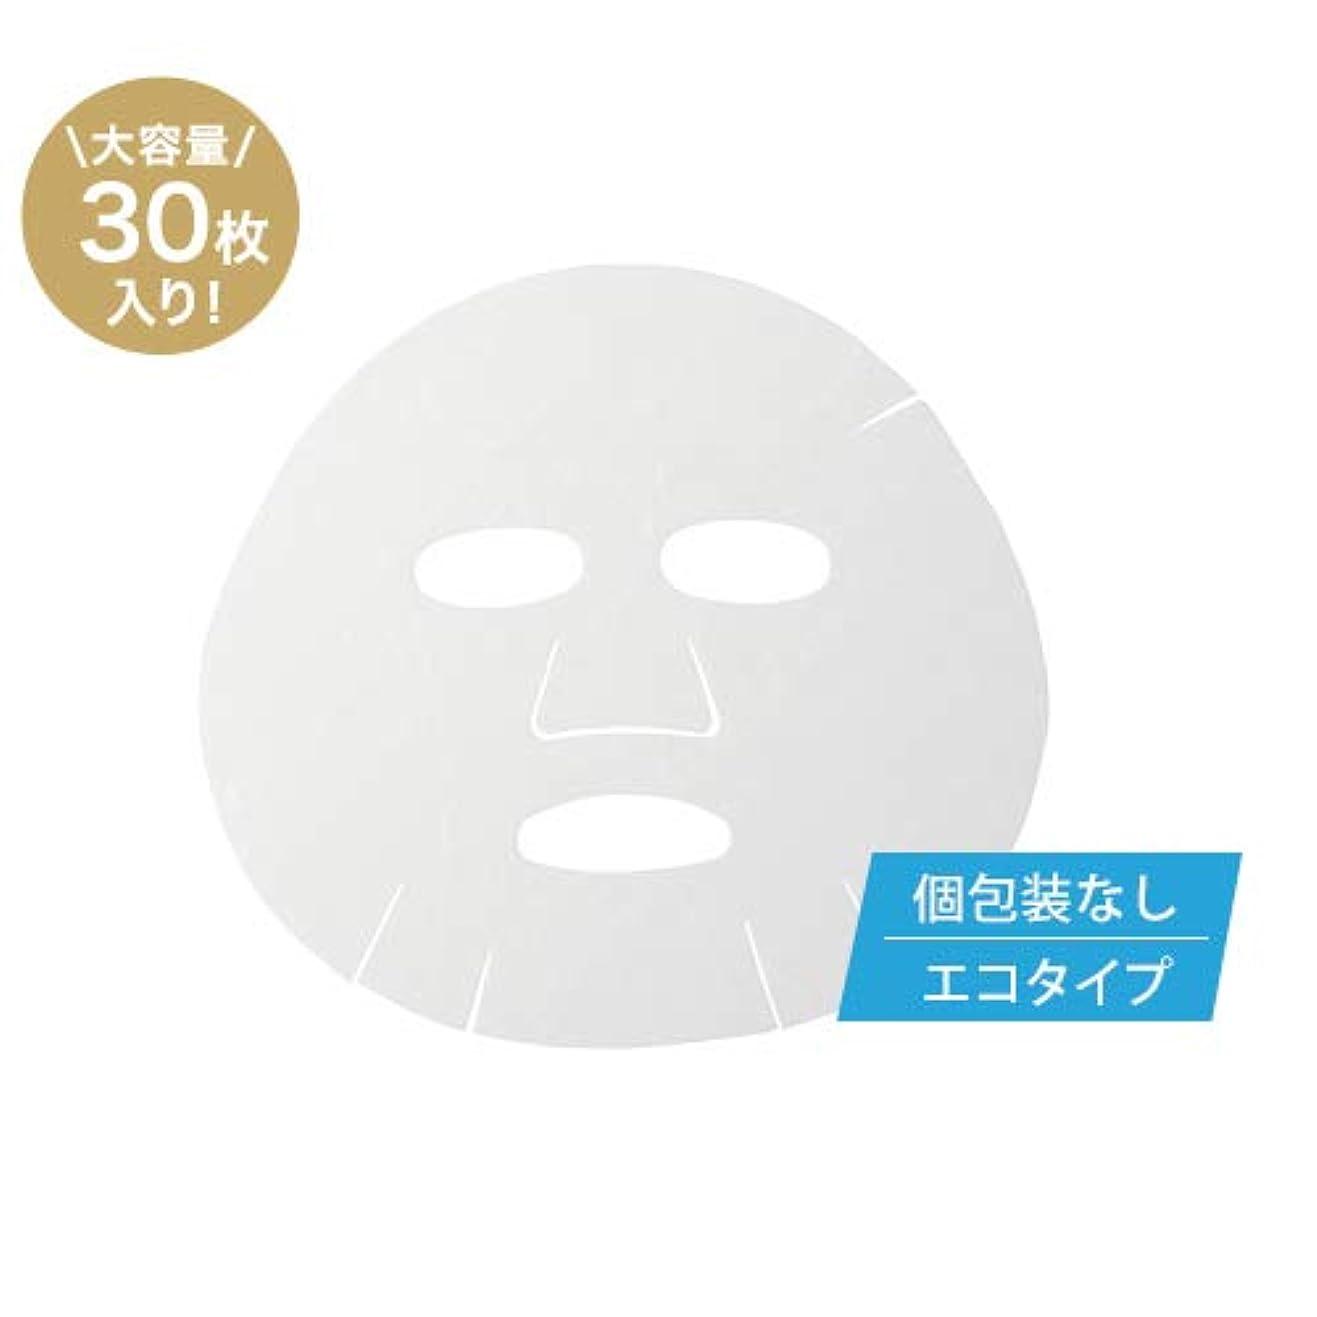 ダウンラフトどのくらいの頻度でMAMEW エッセンスシートマスク(個包装無し?大容量タイプ)-日本製の顔パック-毛穴を引き締める?保湿効果?くすみ?しわ対策におすすめ?お肌しっとり-EGF配合-お得な30枚セット